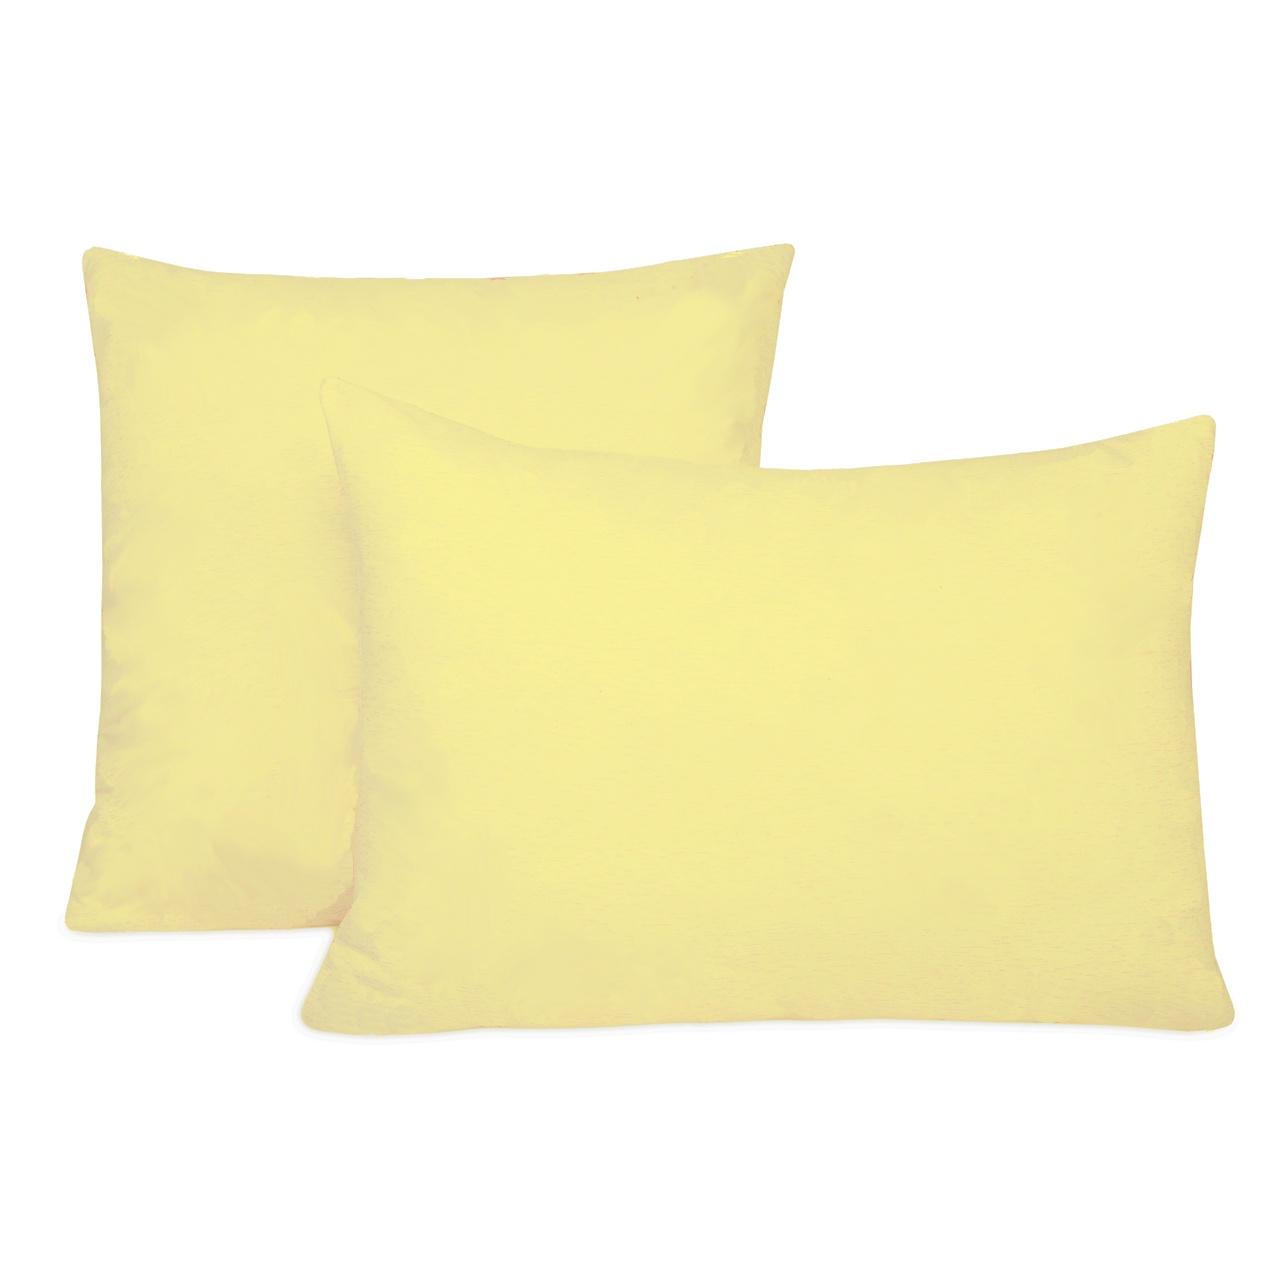 Наволочка Селтекс Трикотажные наволочки на молнии 50х70, Жёлтый светлый (2шт) цена